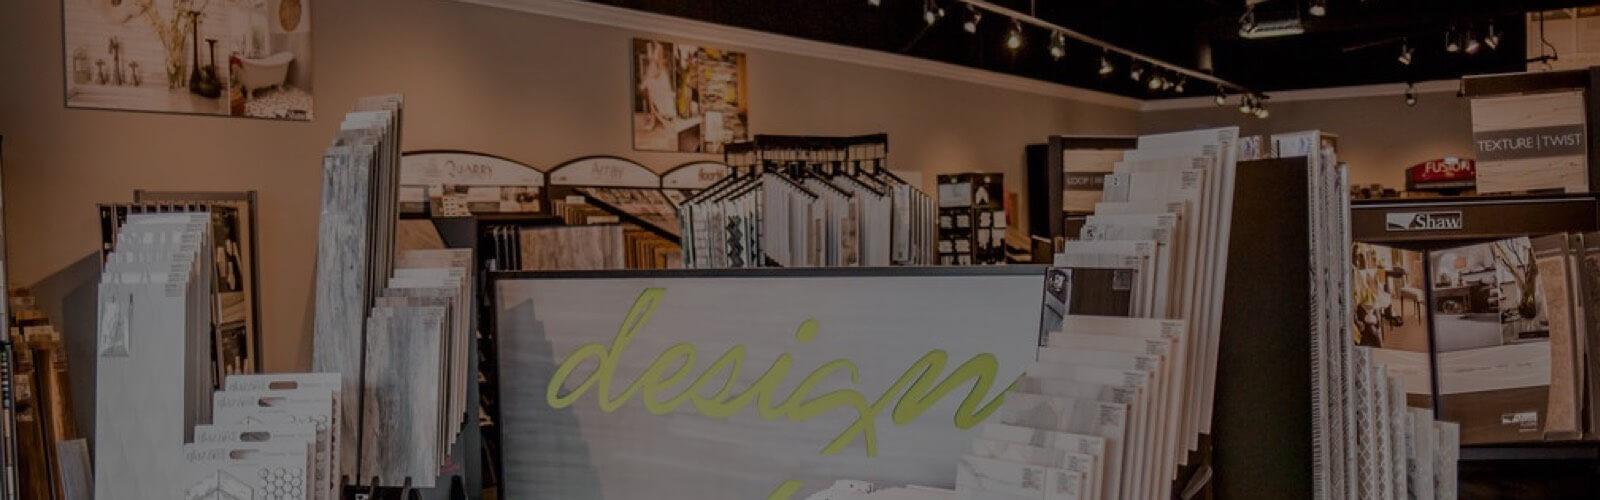 design waterville showroom